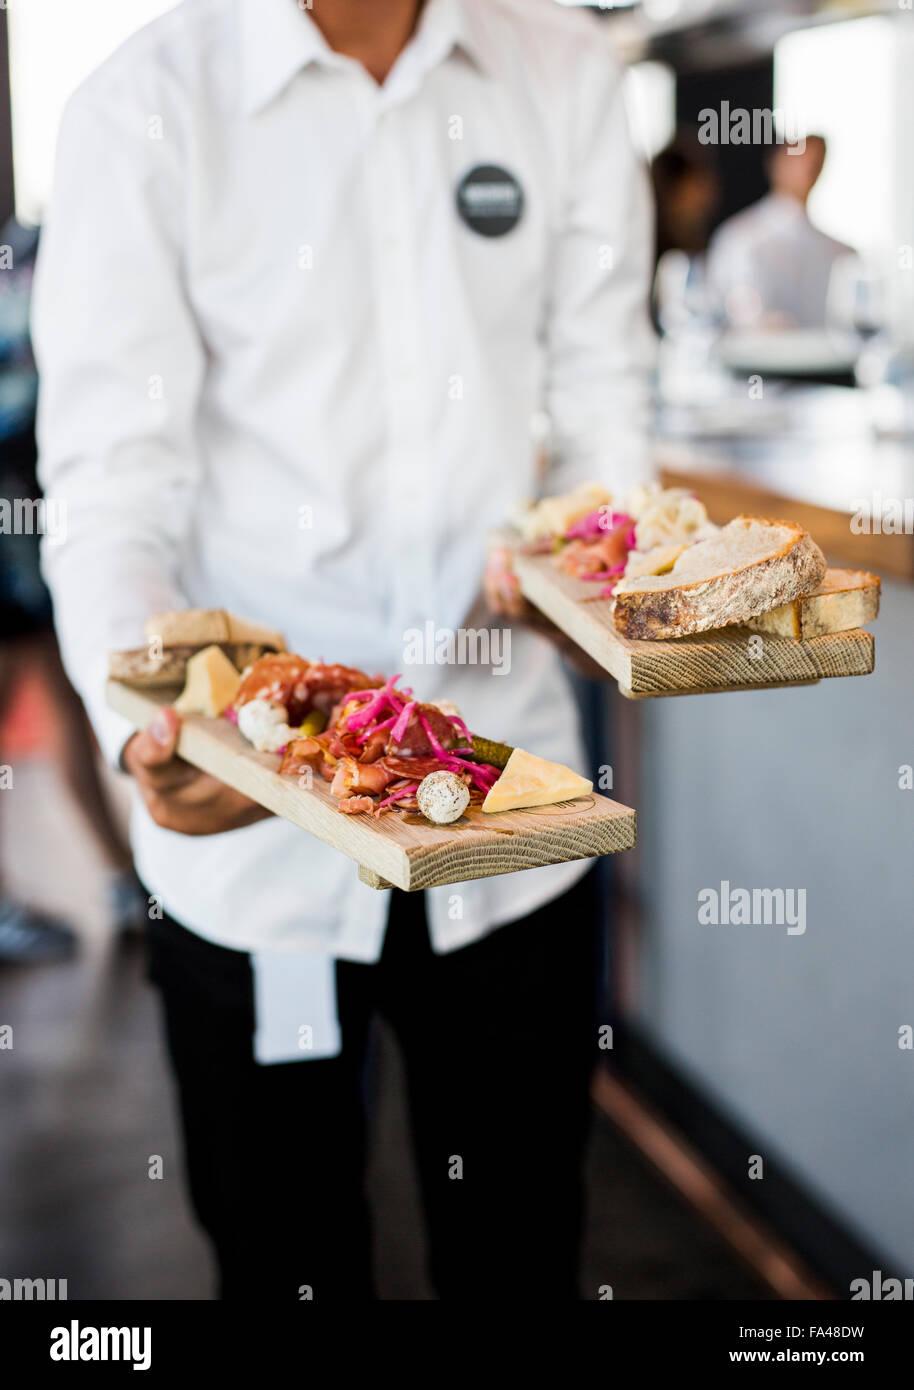 Mittelteil der Kellner mit Schüsseln Skybar Restaurant Stockbild